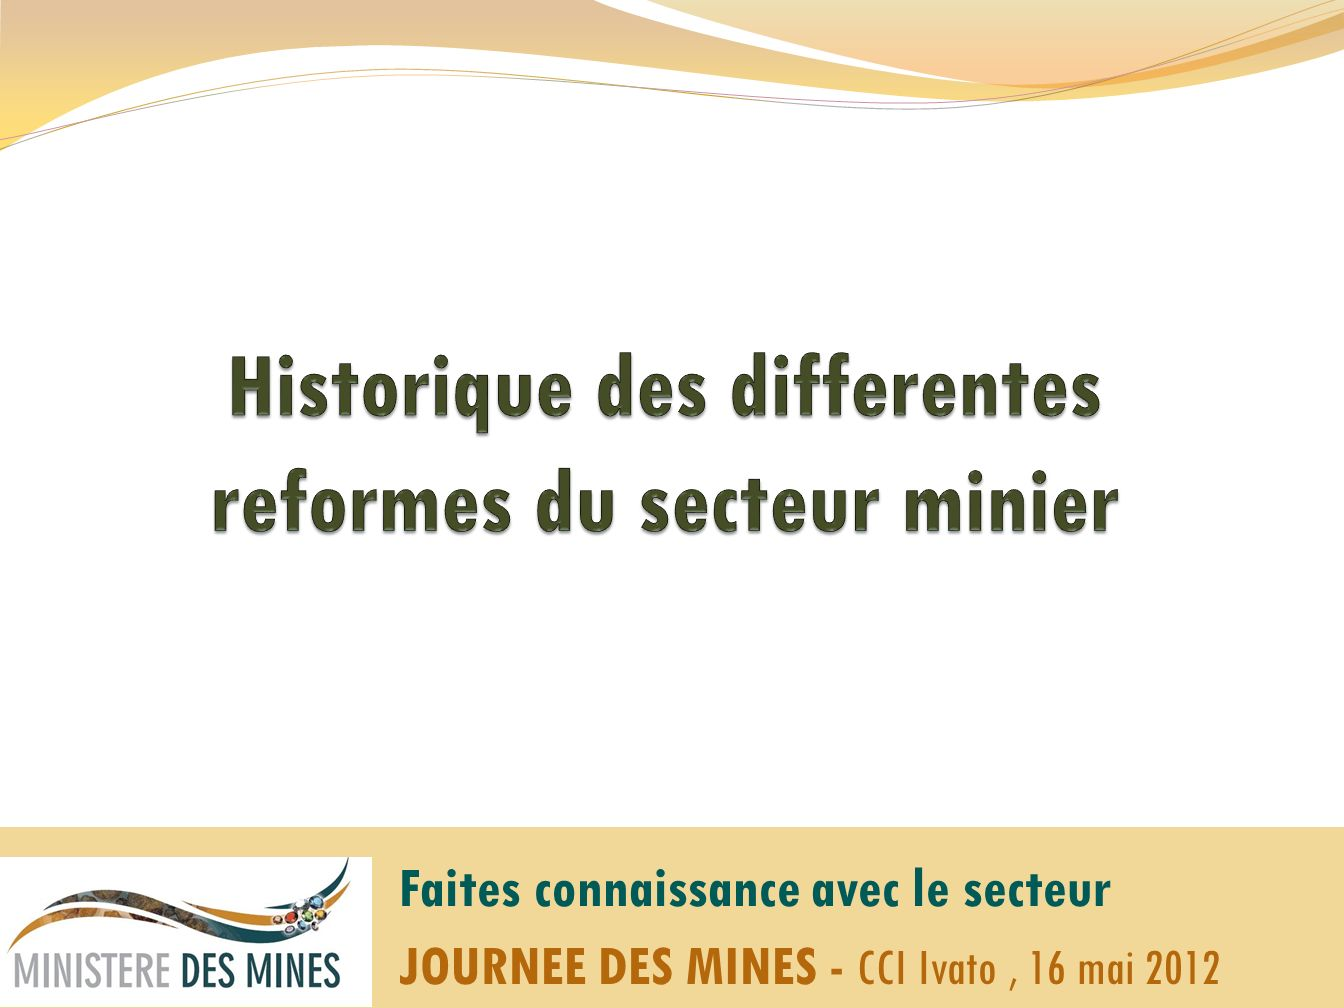 Faites connaissance avec le secteur JOURNEE DES MINES - CCI Ivato, 16 mai 2012